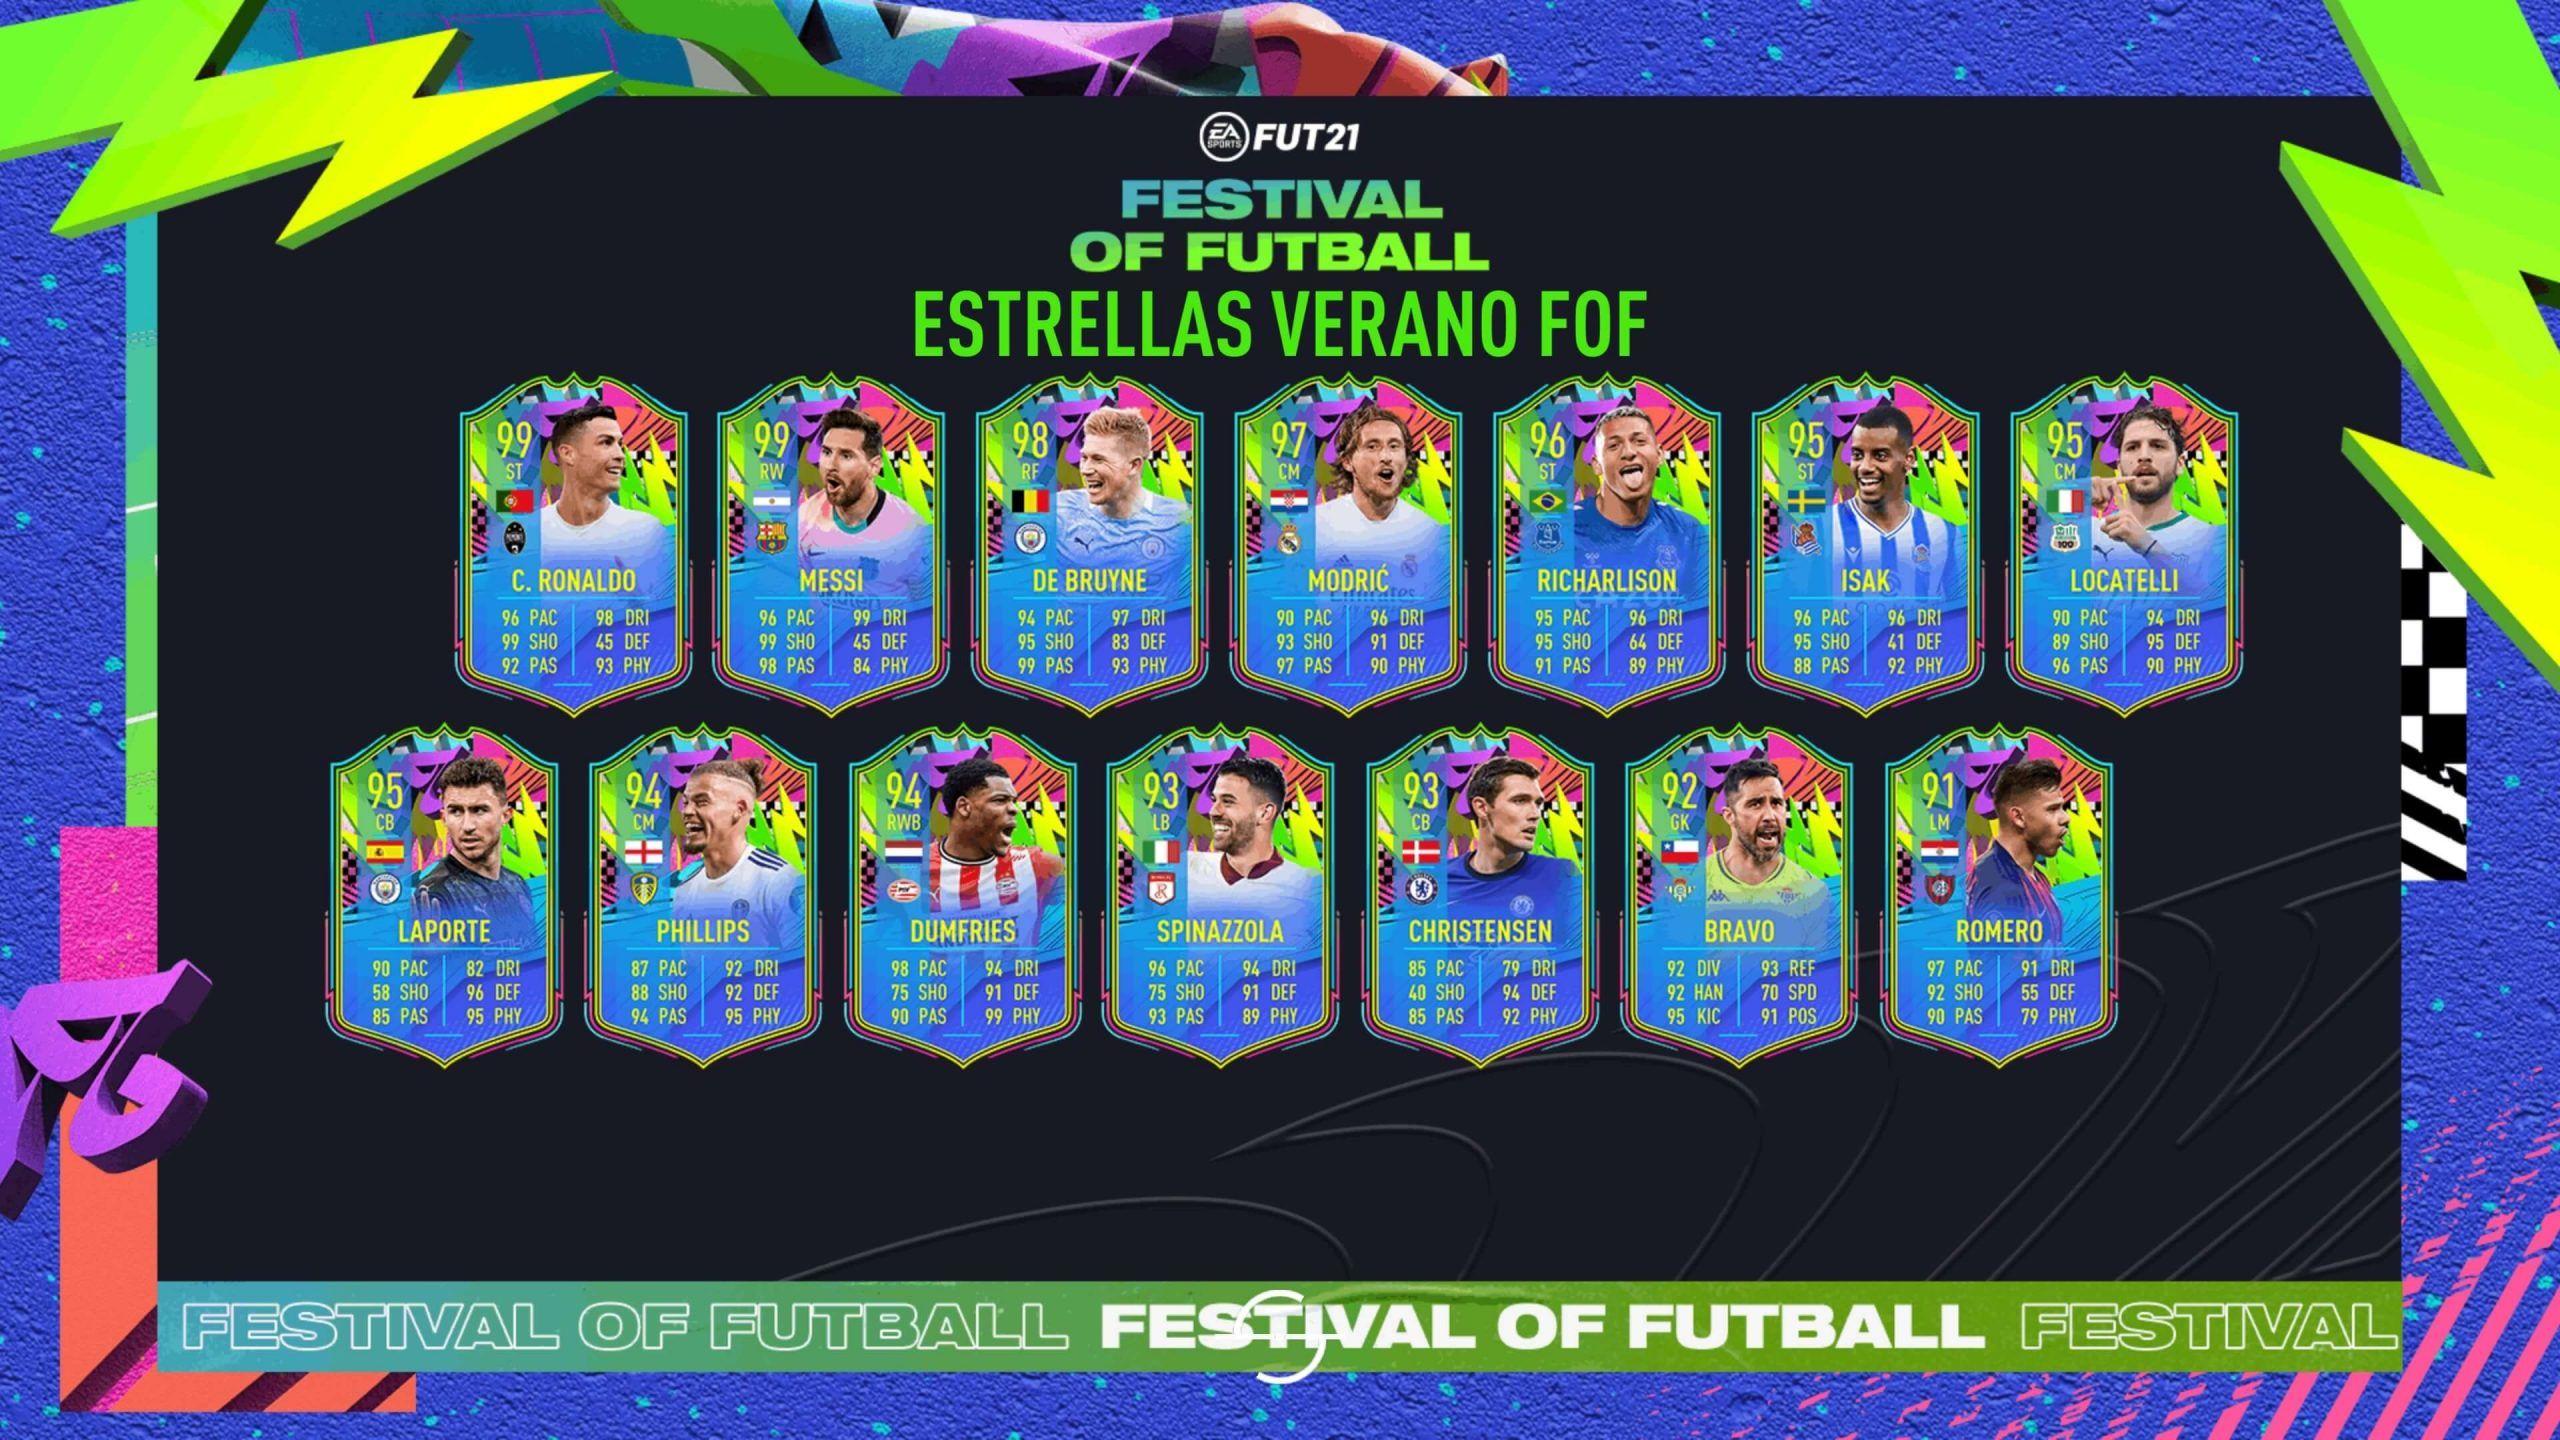 Estrellas del Verano de FIFA 21 Ultimate Team